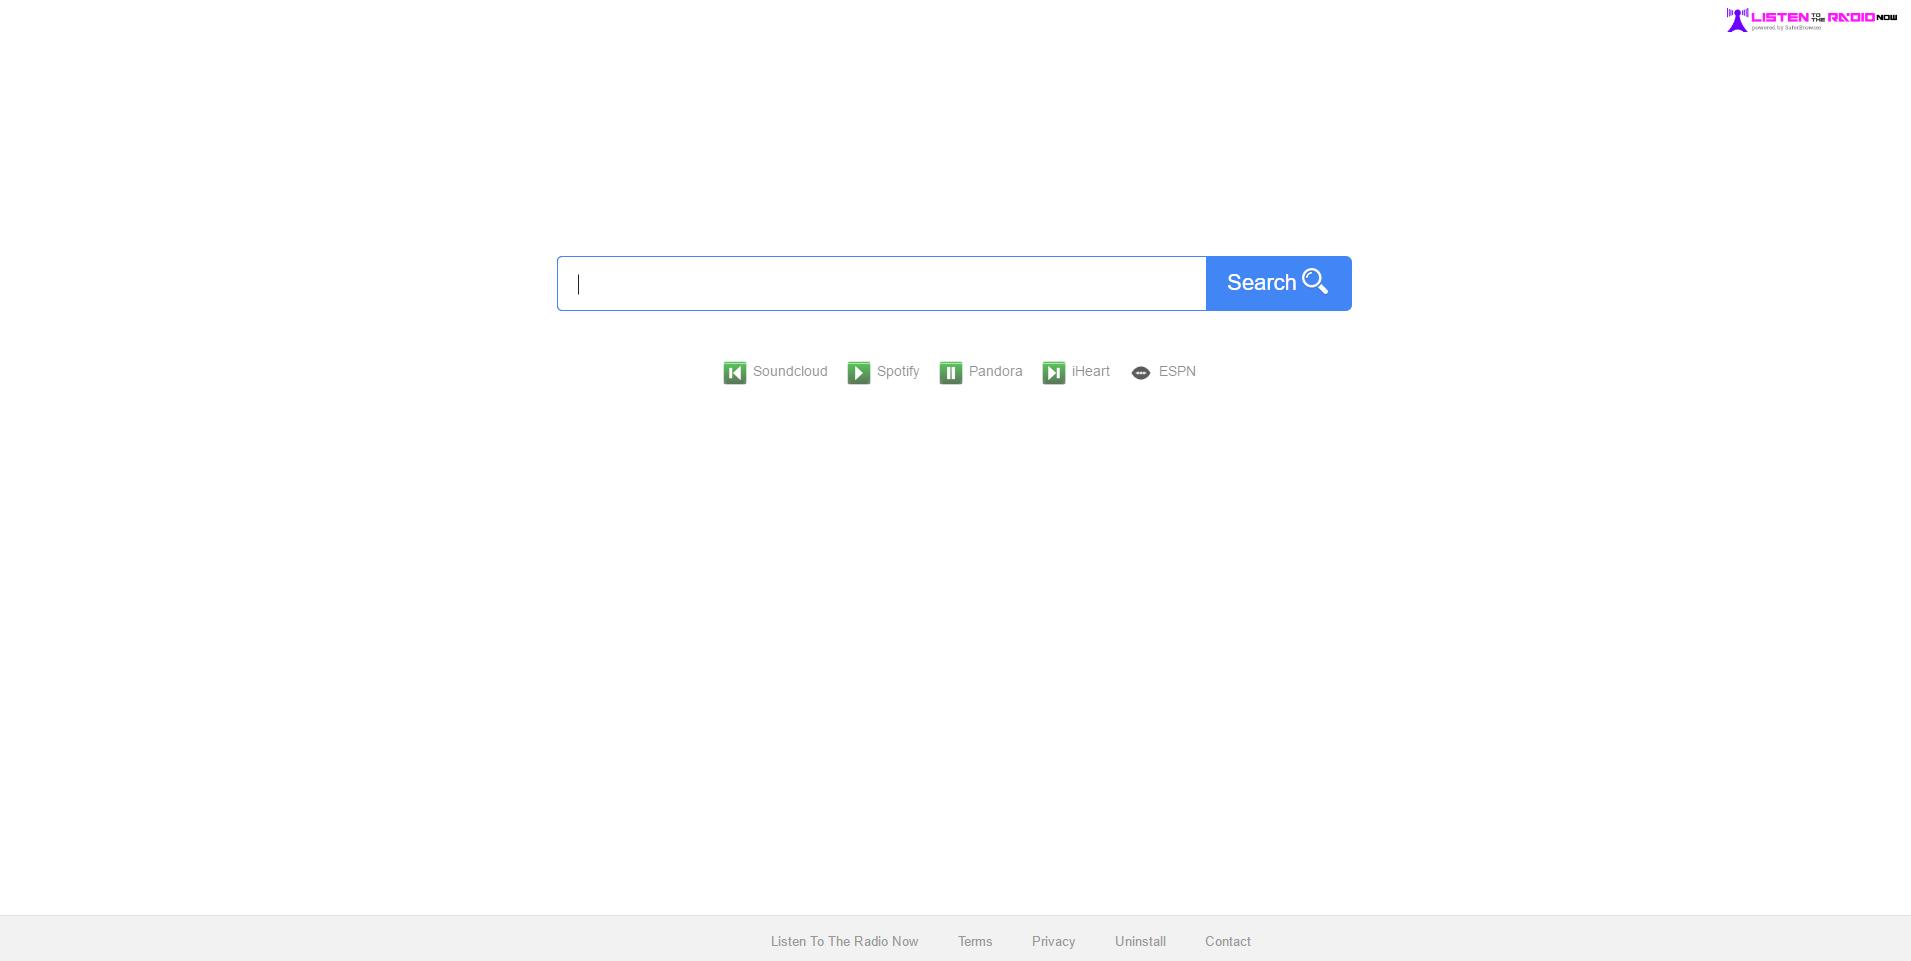 search.searchlttrn.com hijacker